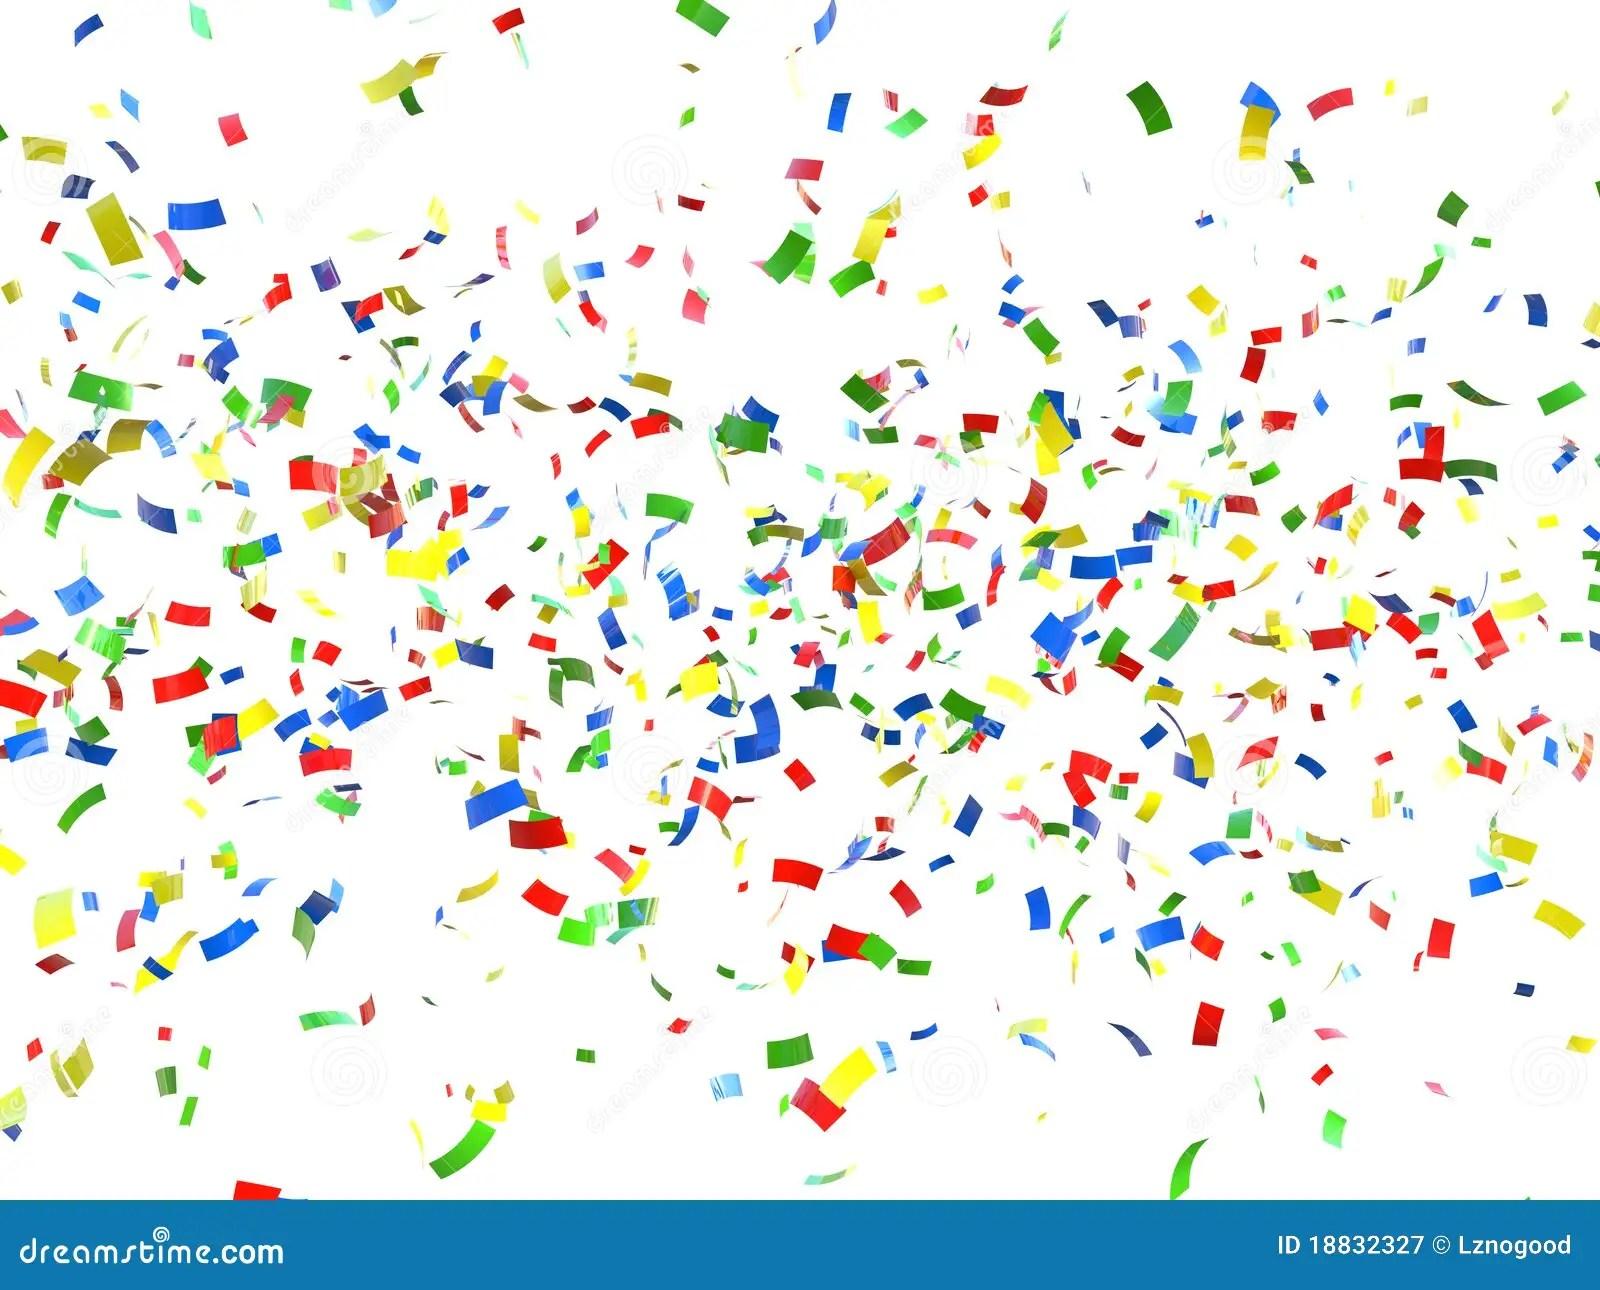 Falling Glitter Confetti Wallpapers Festive Background Of Confetti Stock Illustration Image